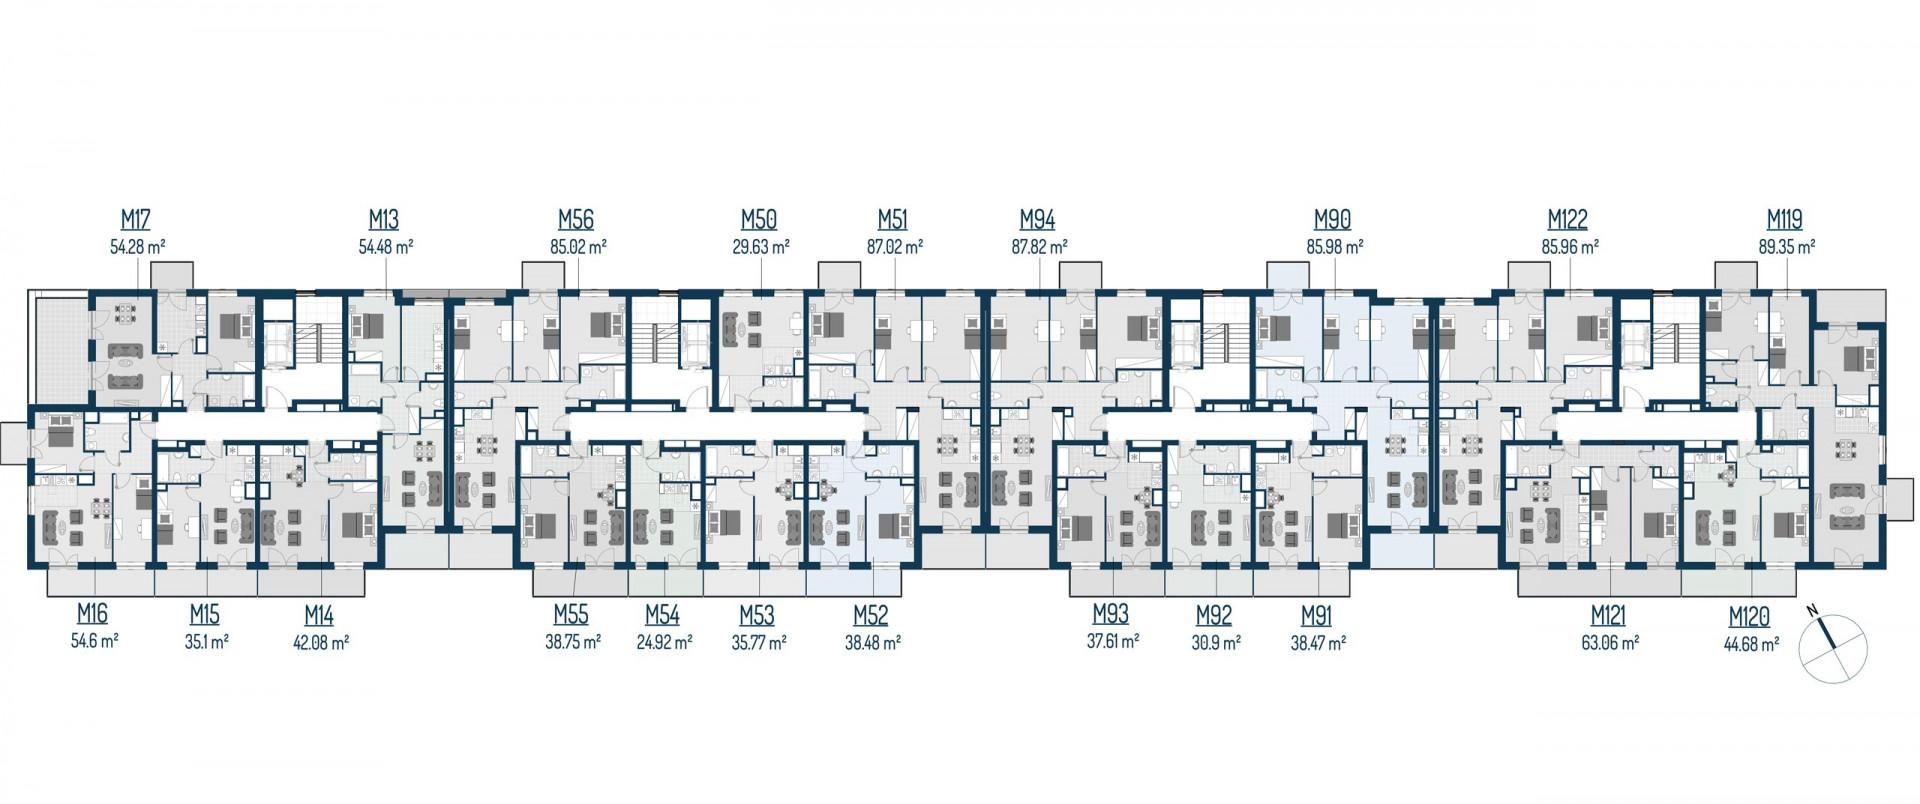 Zdrowe Stylove / budynek 2 / mieszkanie nr 13 rzut 2